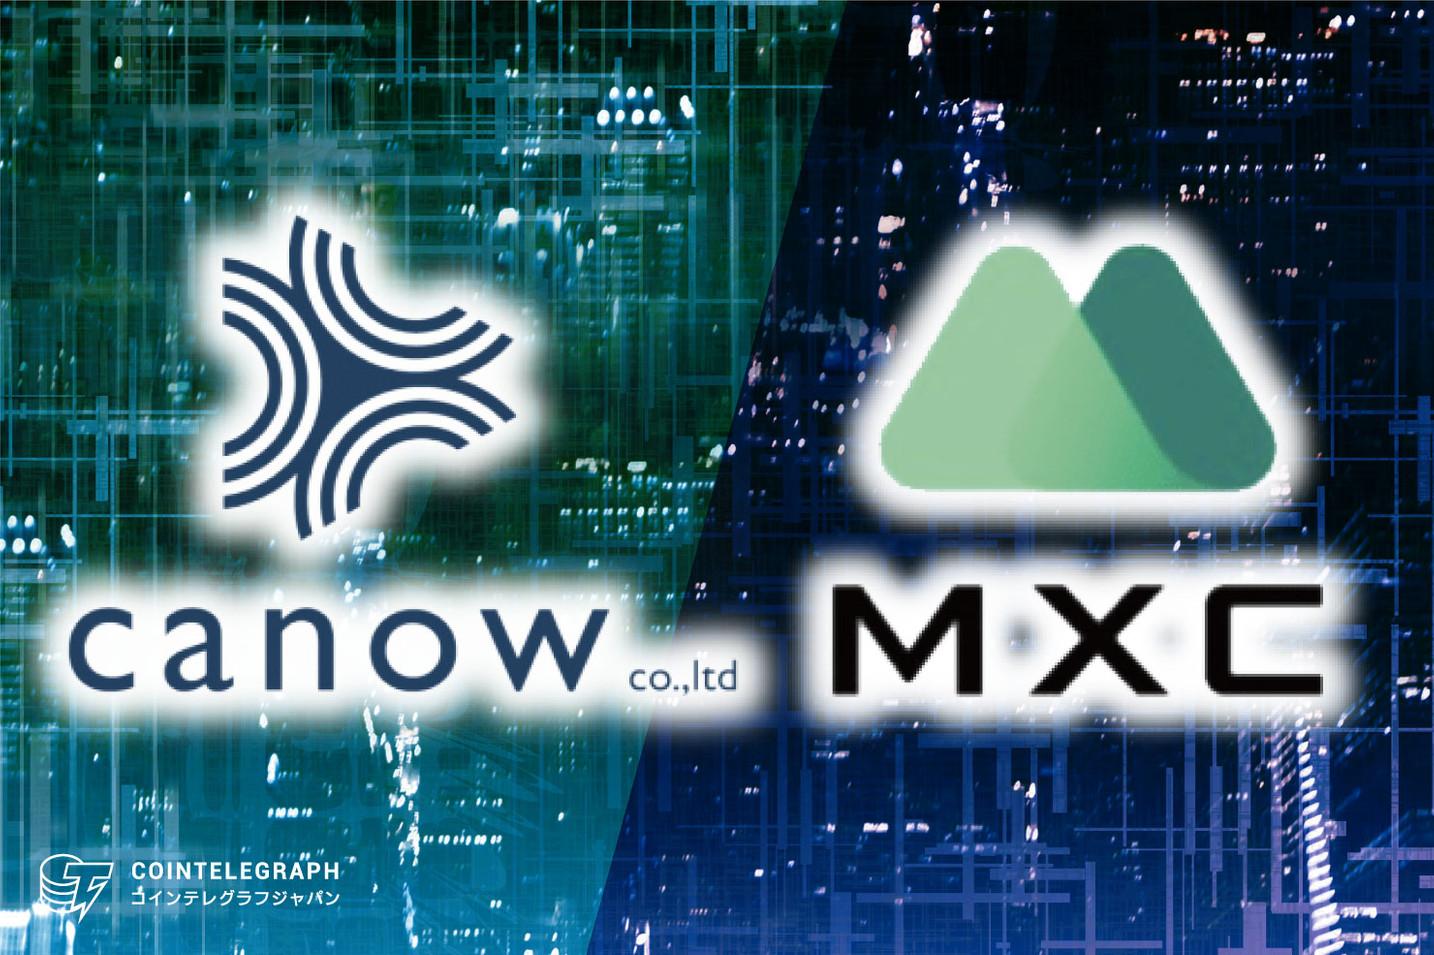 中国の有力な暗号資産取引所MXCと業務提携を締結